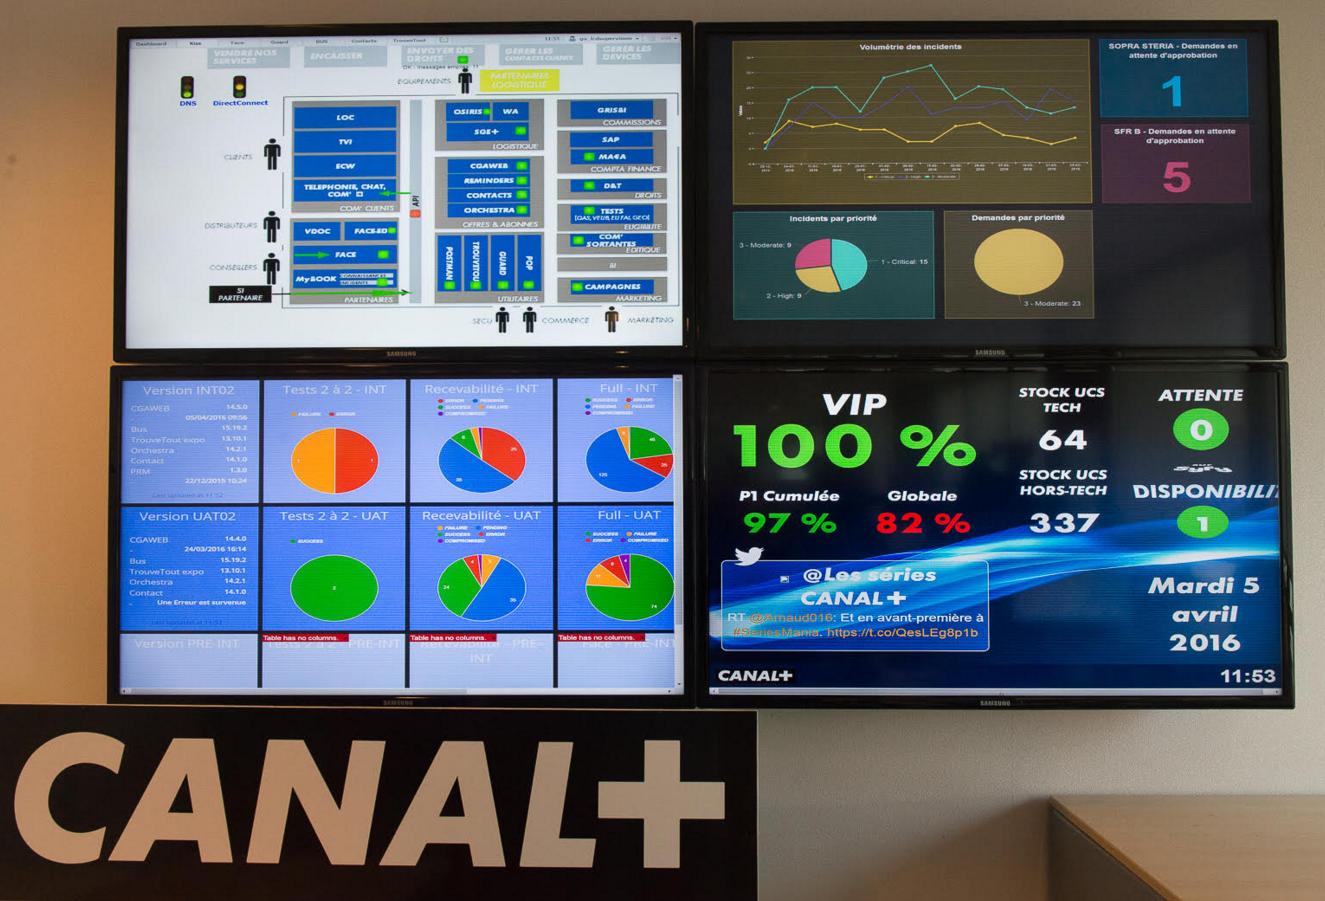 Ecran gestion de projets agilité Canal+